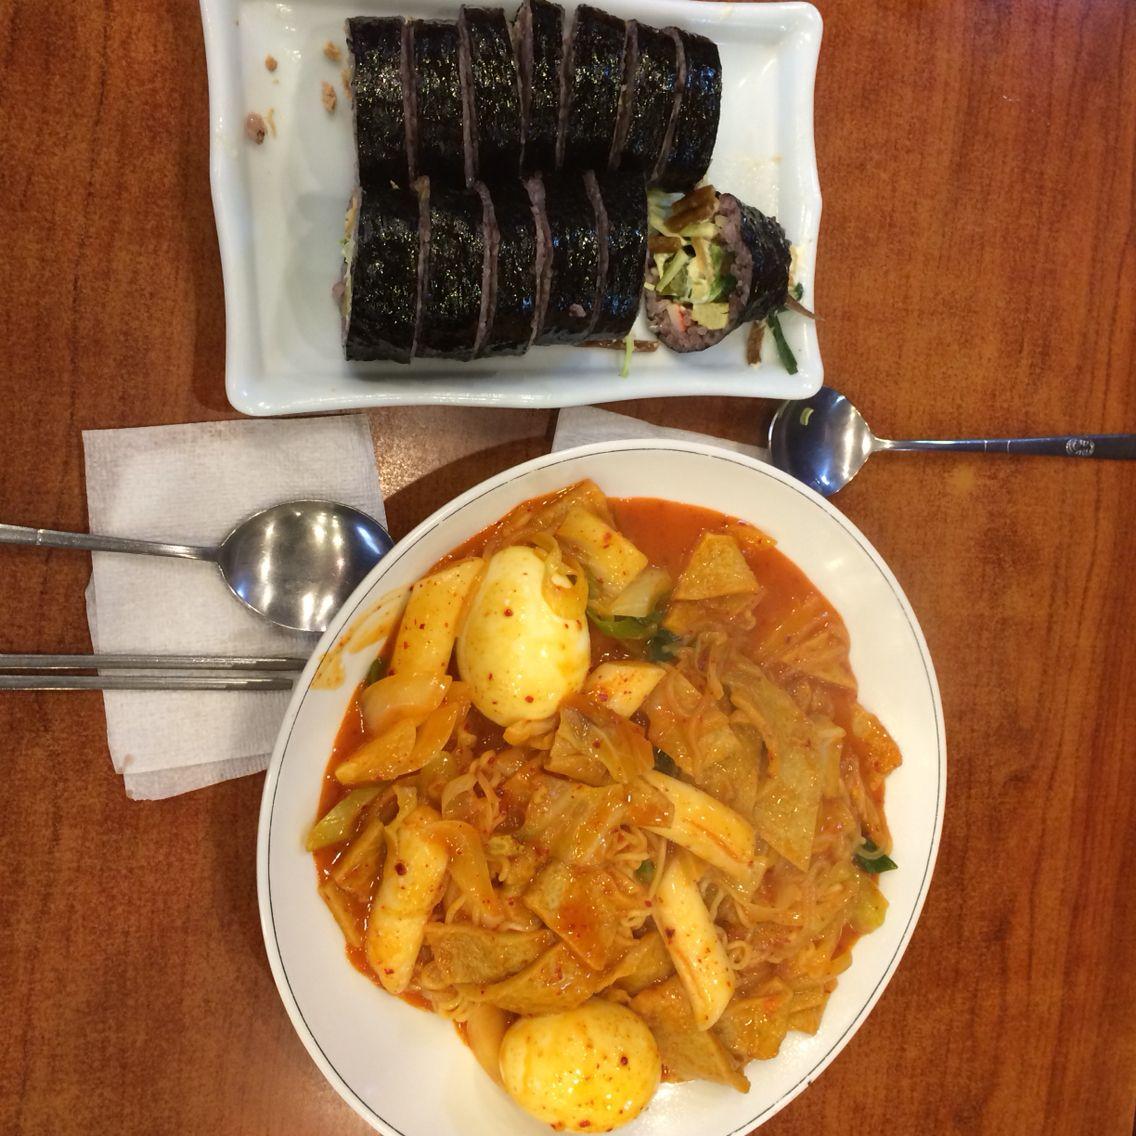 라볶이와 샐러드김밥 수현이네 김밥세상 연남동